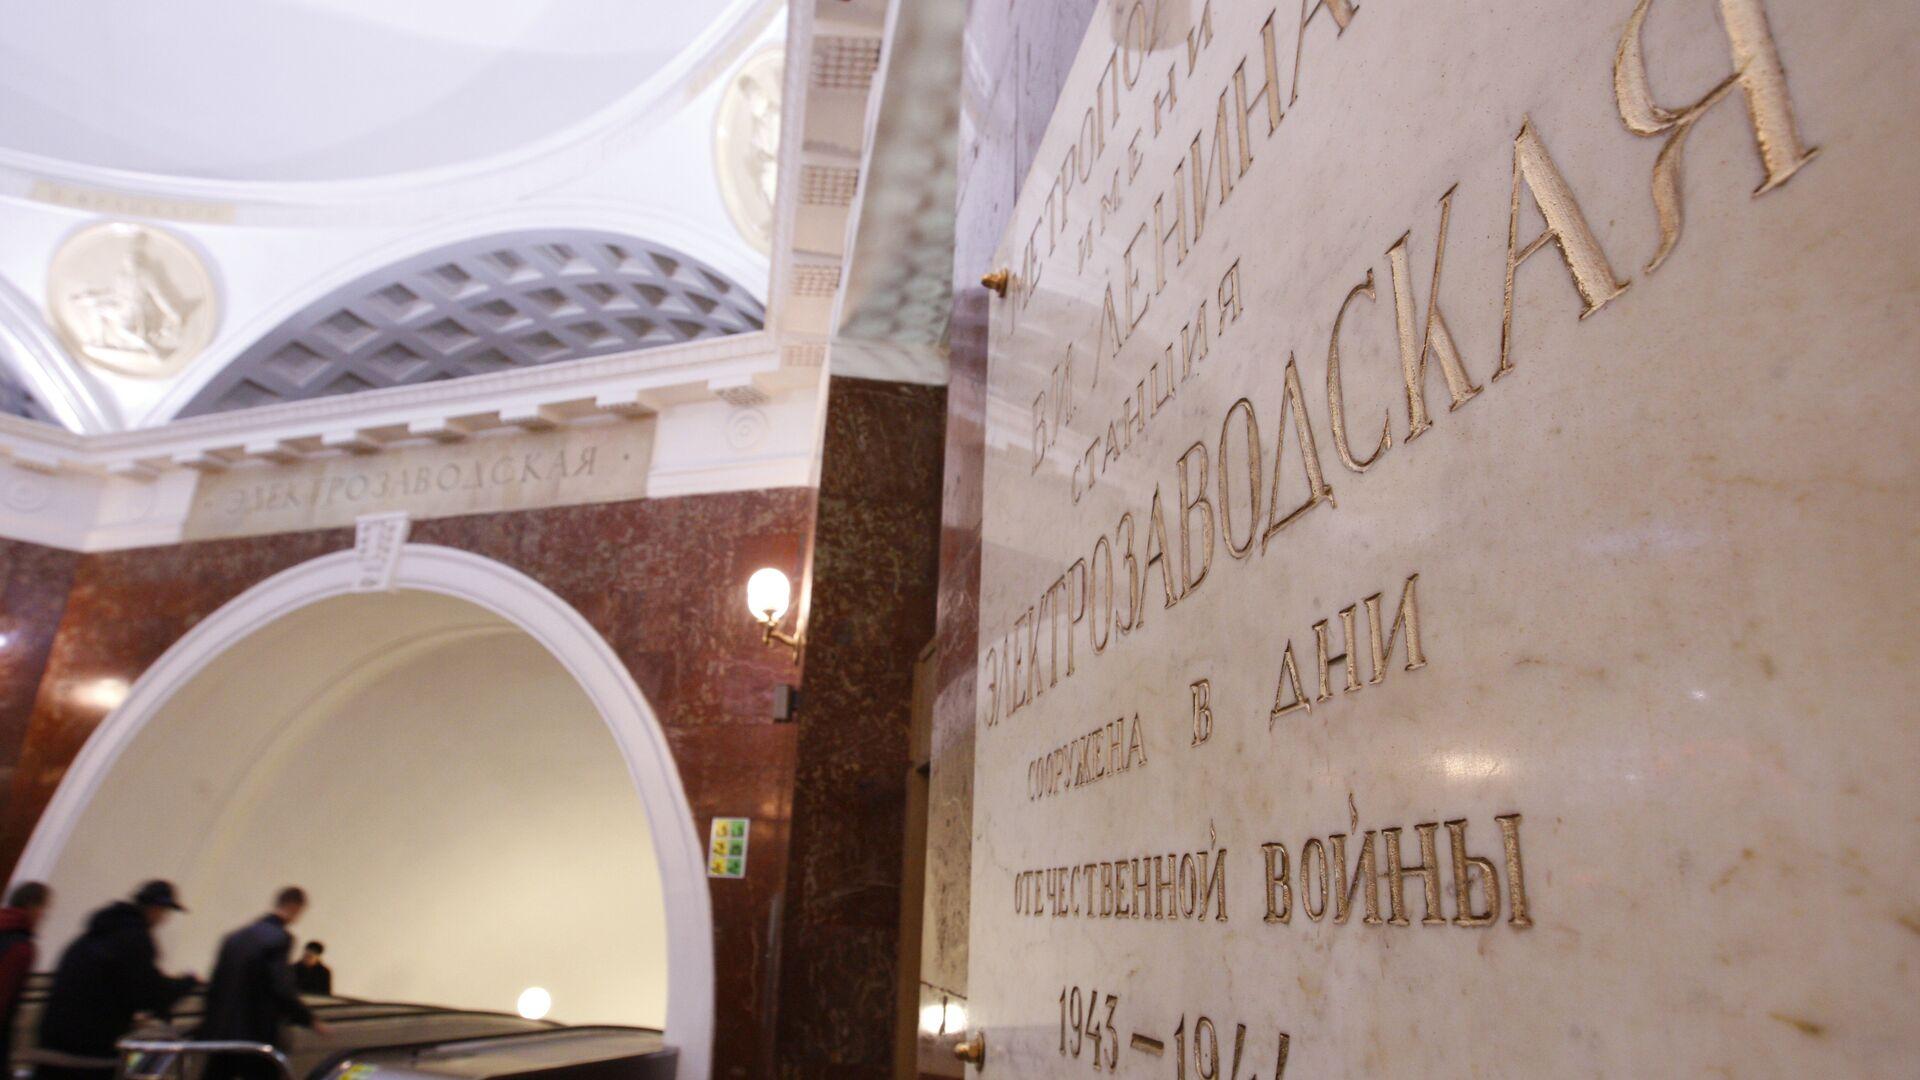 Станция московского метро Электрозаводская  - РИА Новости, 1920, 10.12.2020